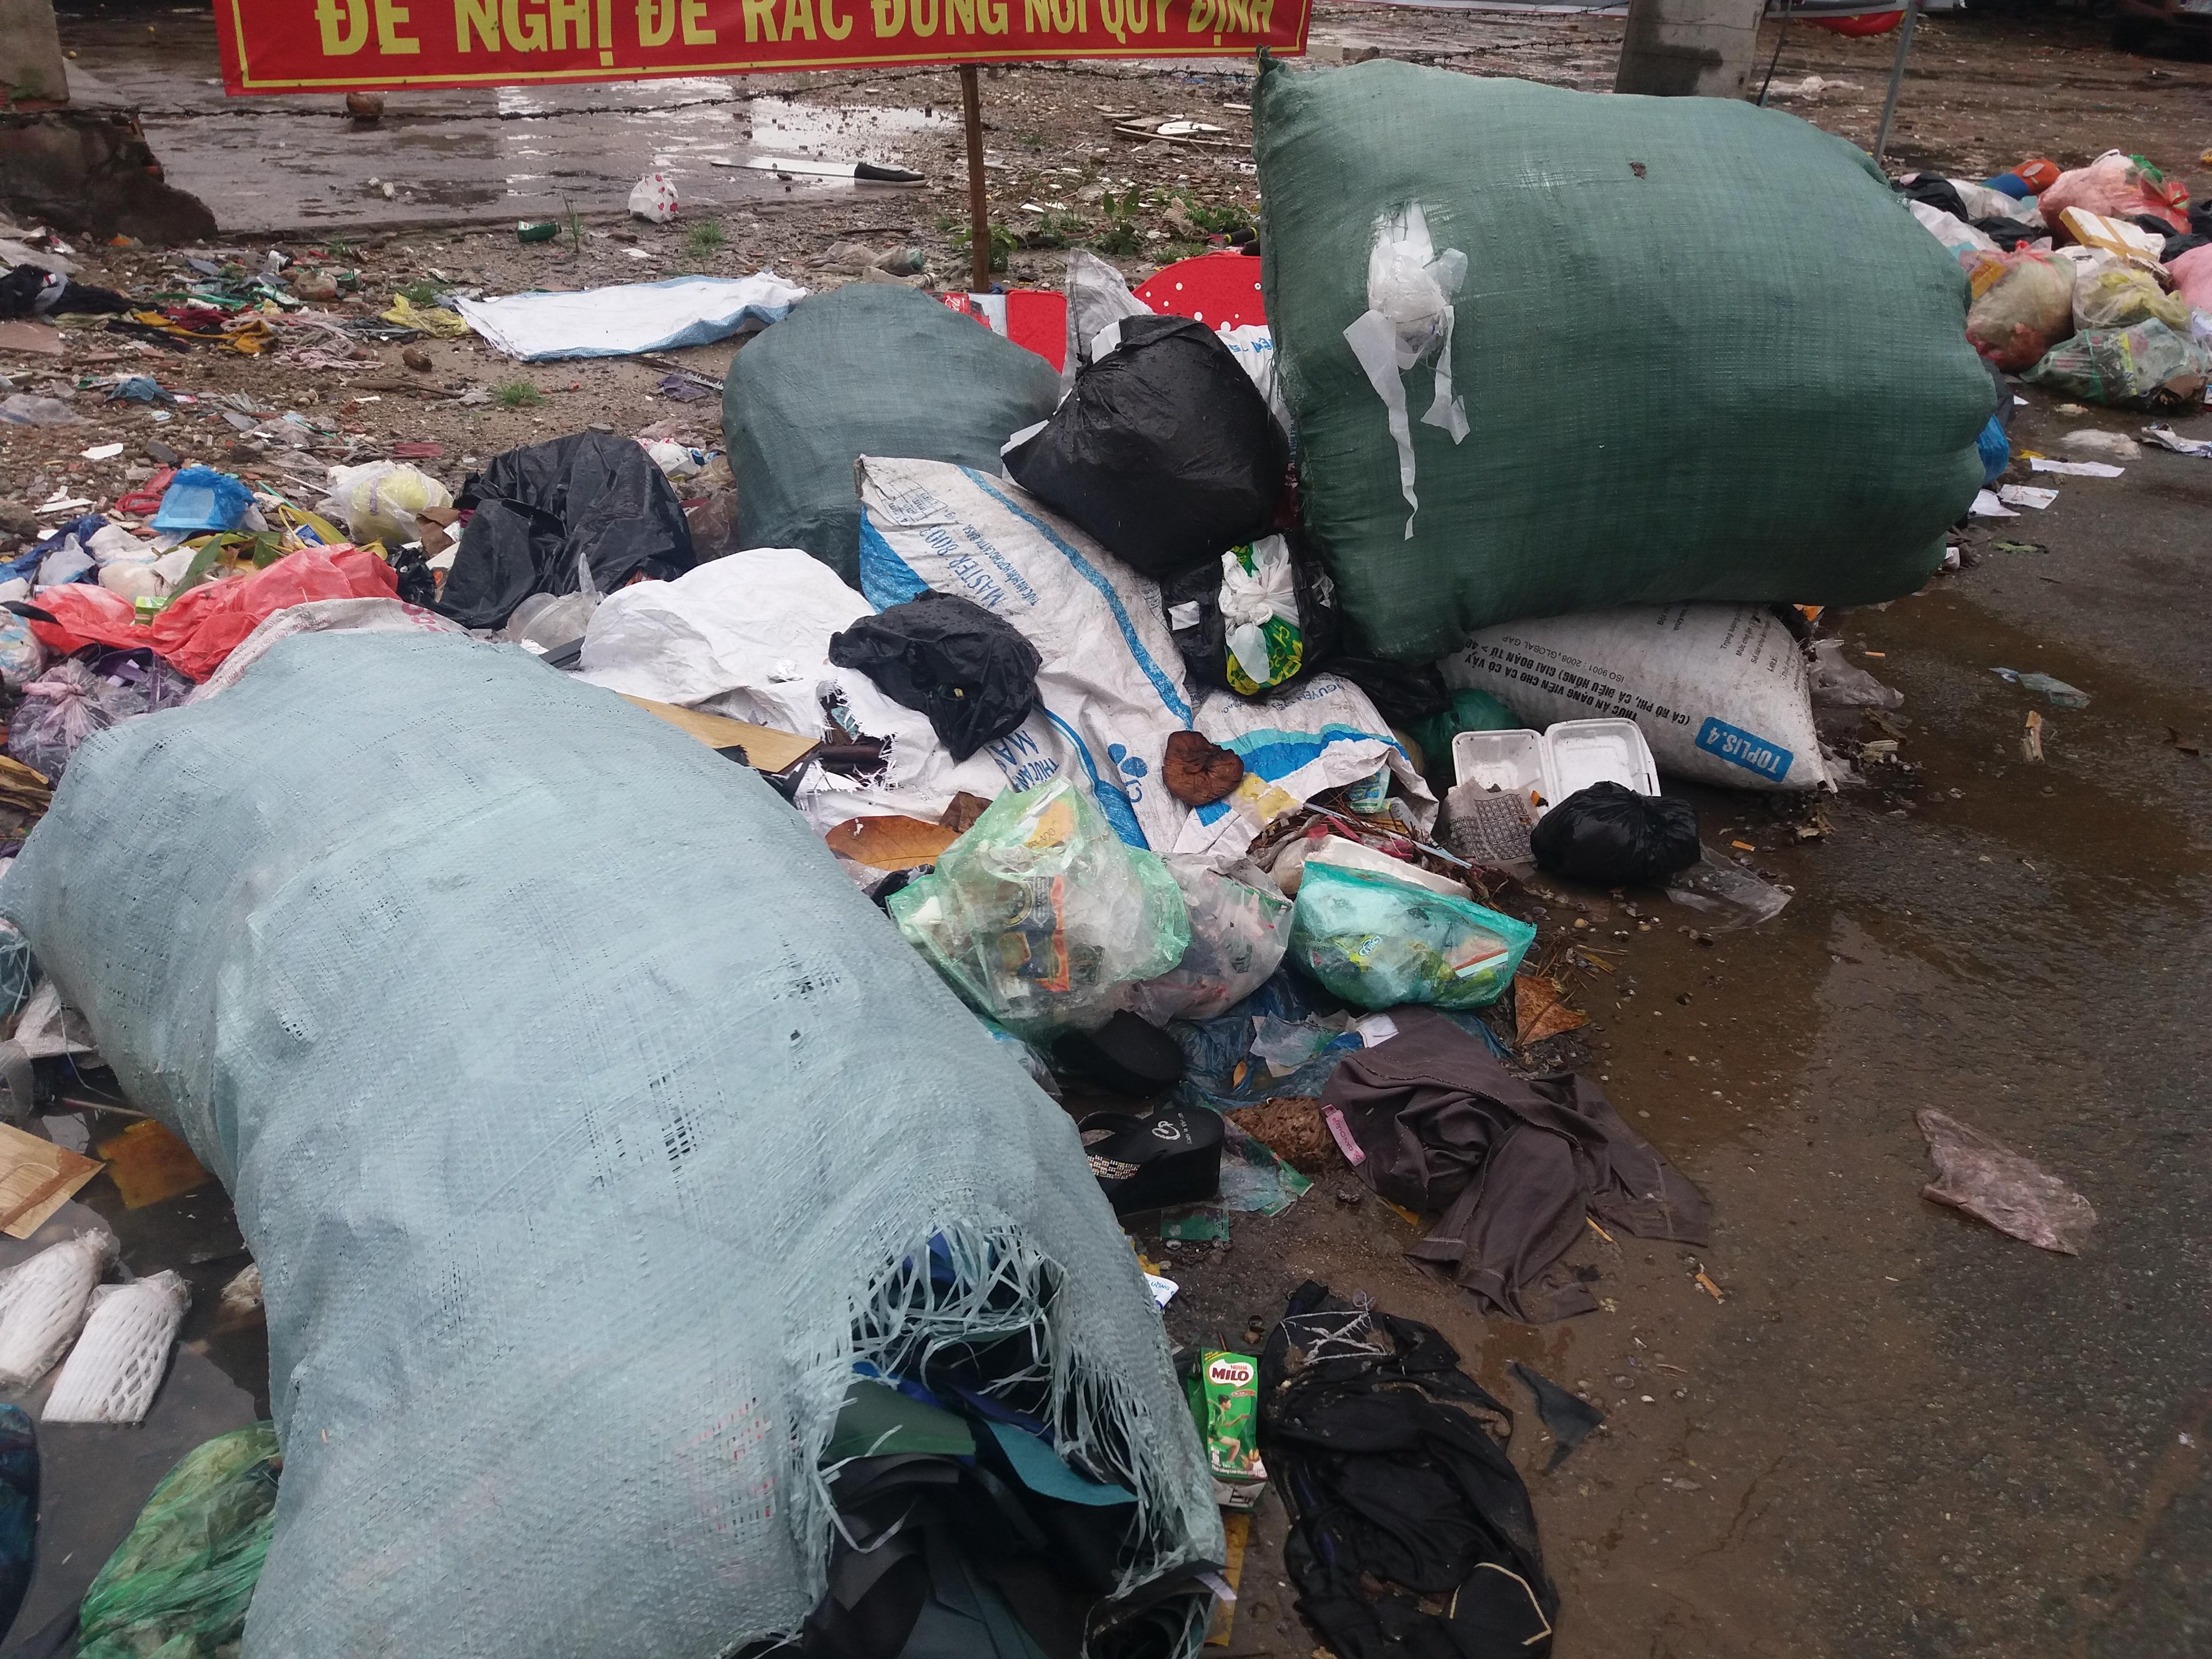 Xã hội - Khu vực cấm đổ rác lại trở thành bãi rác (Hình 3).